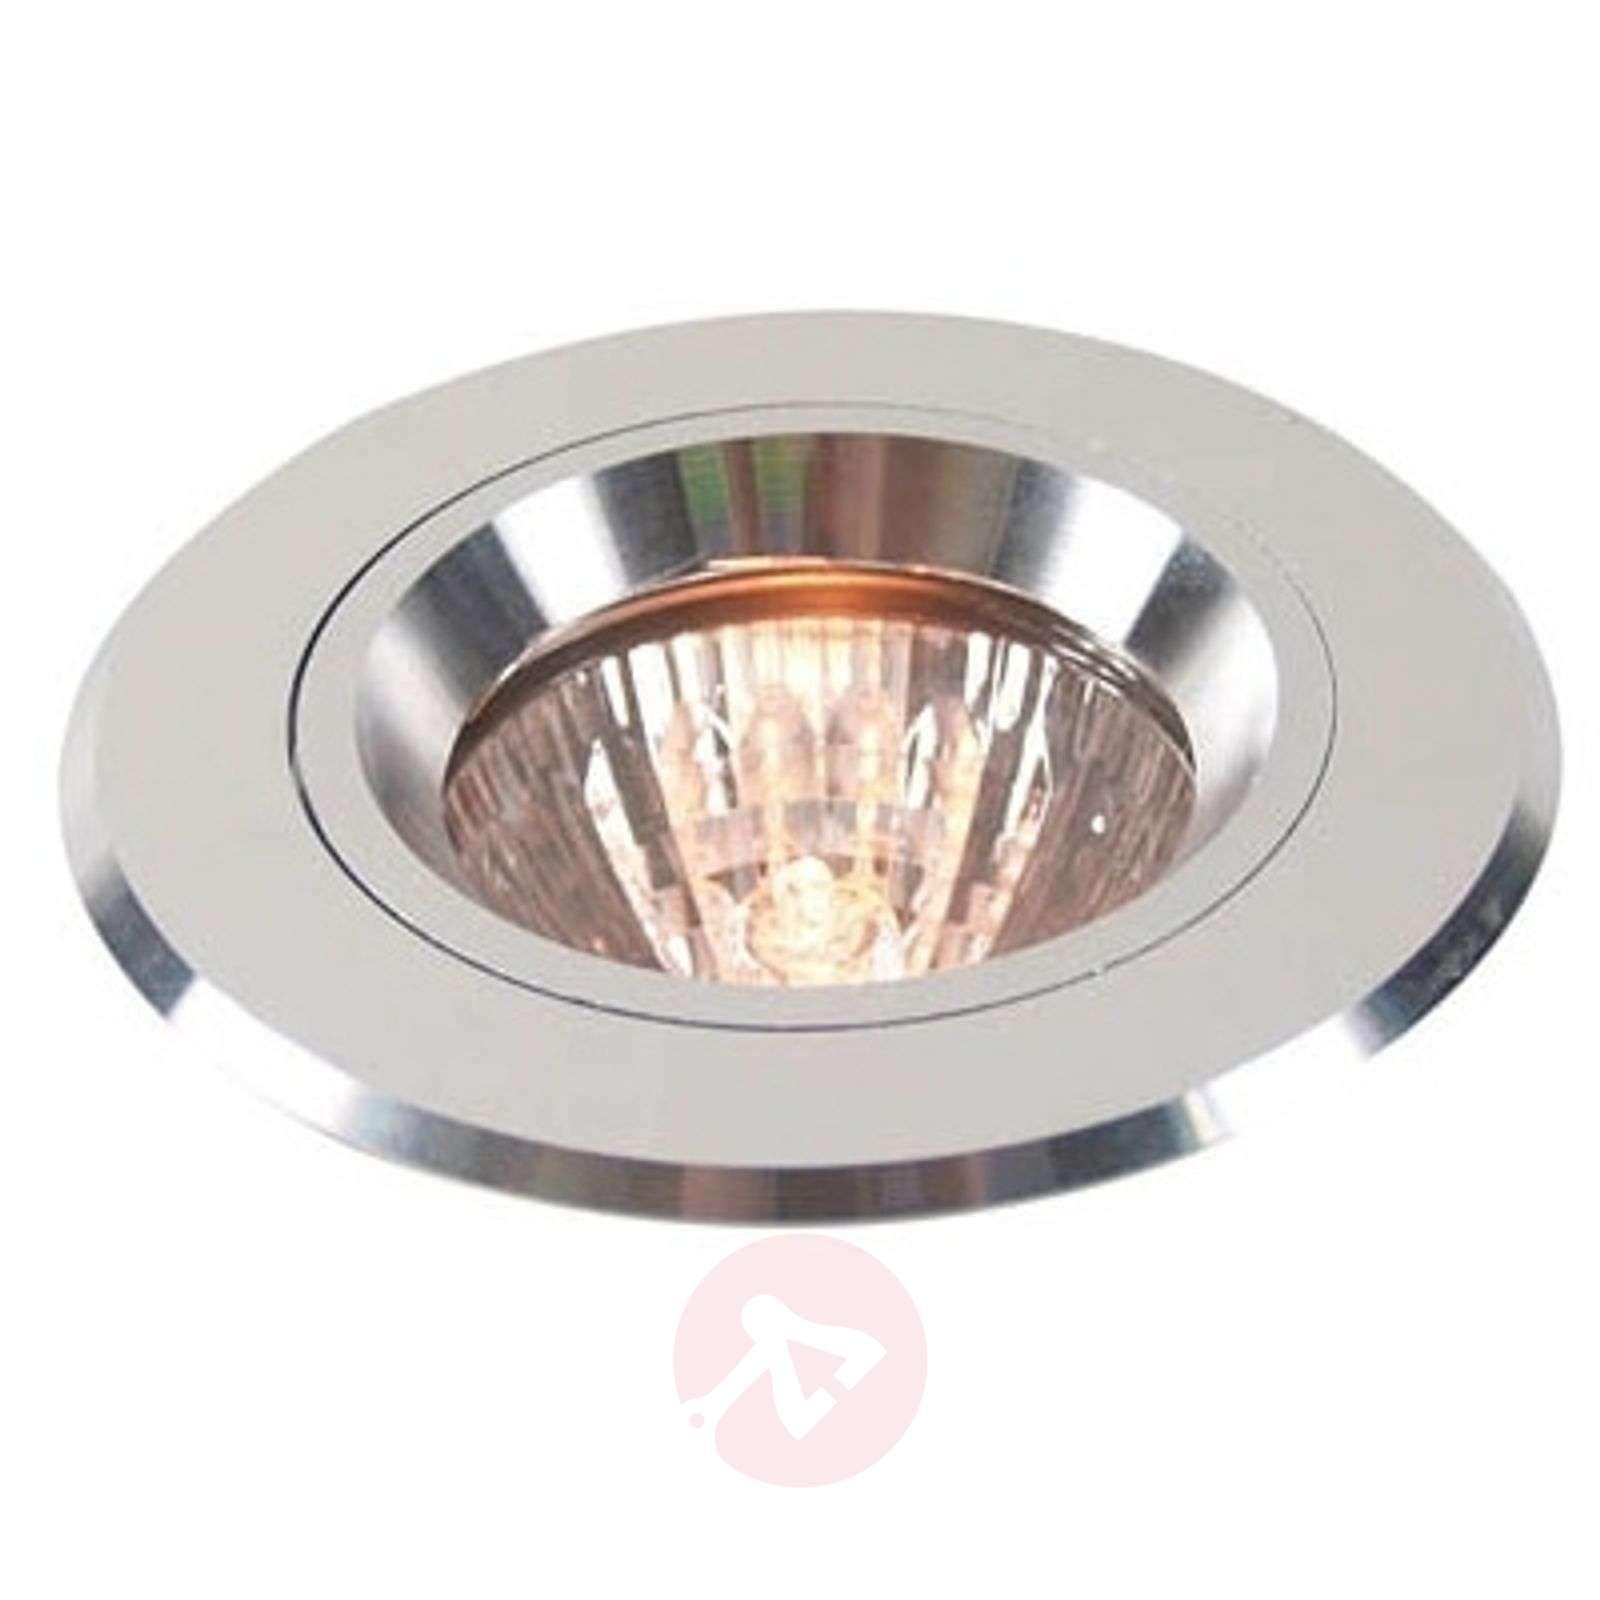 Hopeanvärinen uppovalaisin alumiinia, kiinteä-2501070-01